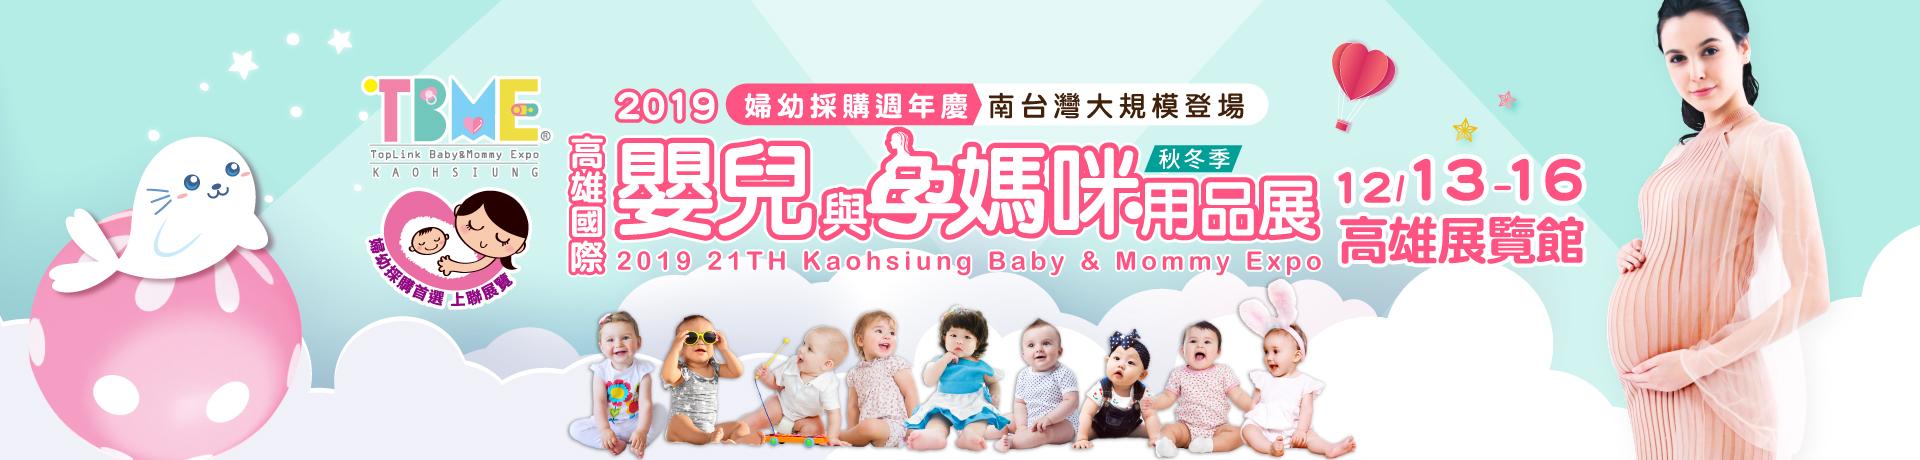 2019高雄嬰兒與孕媽咪用品展